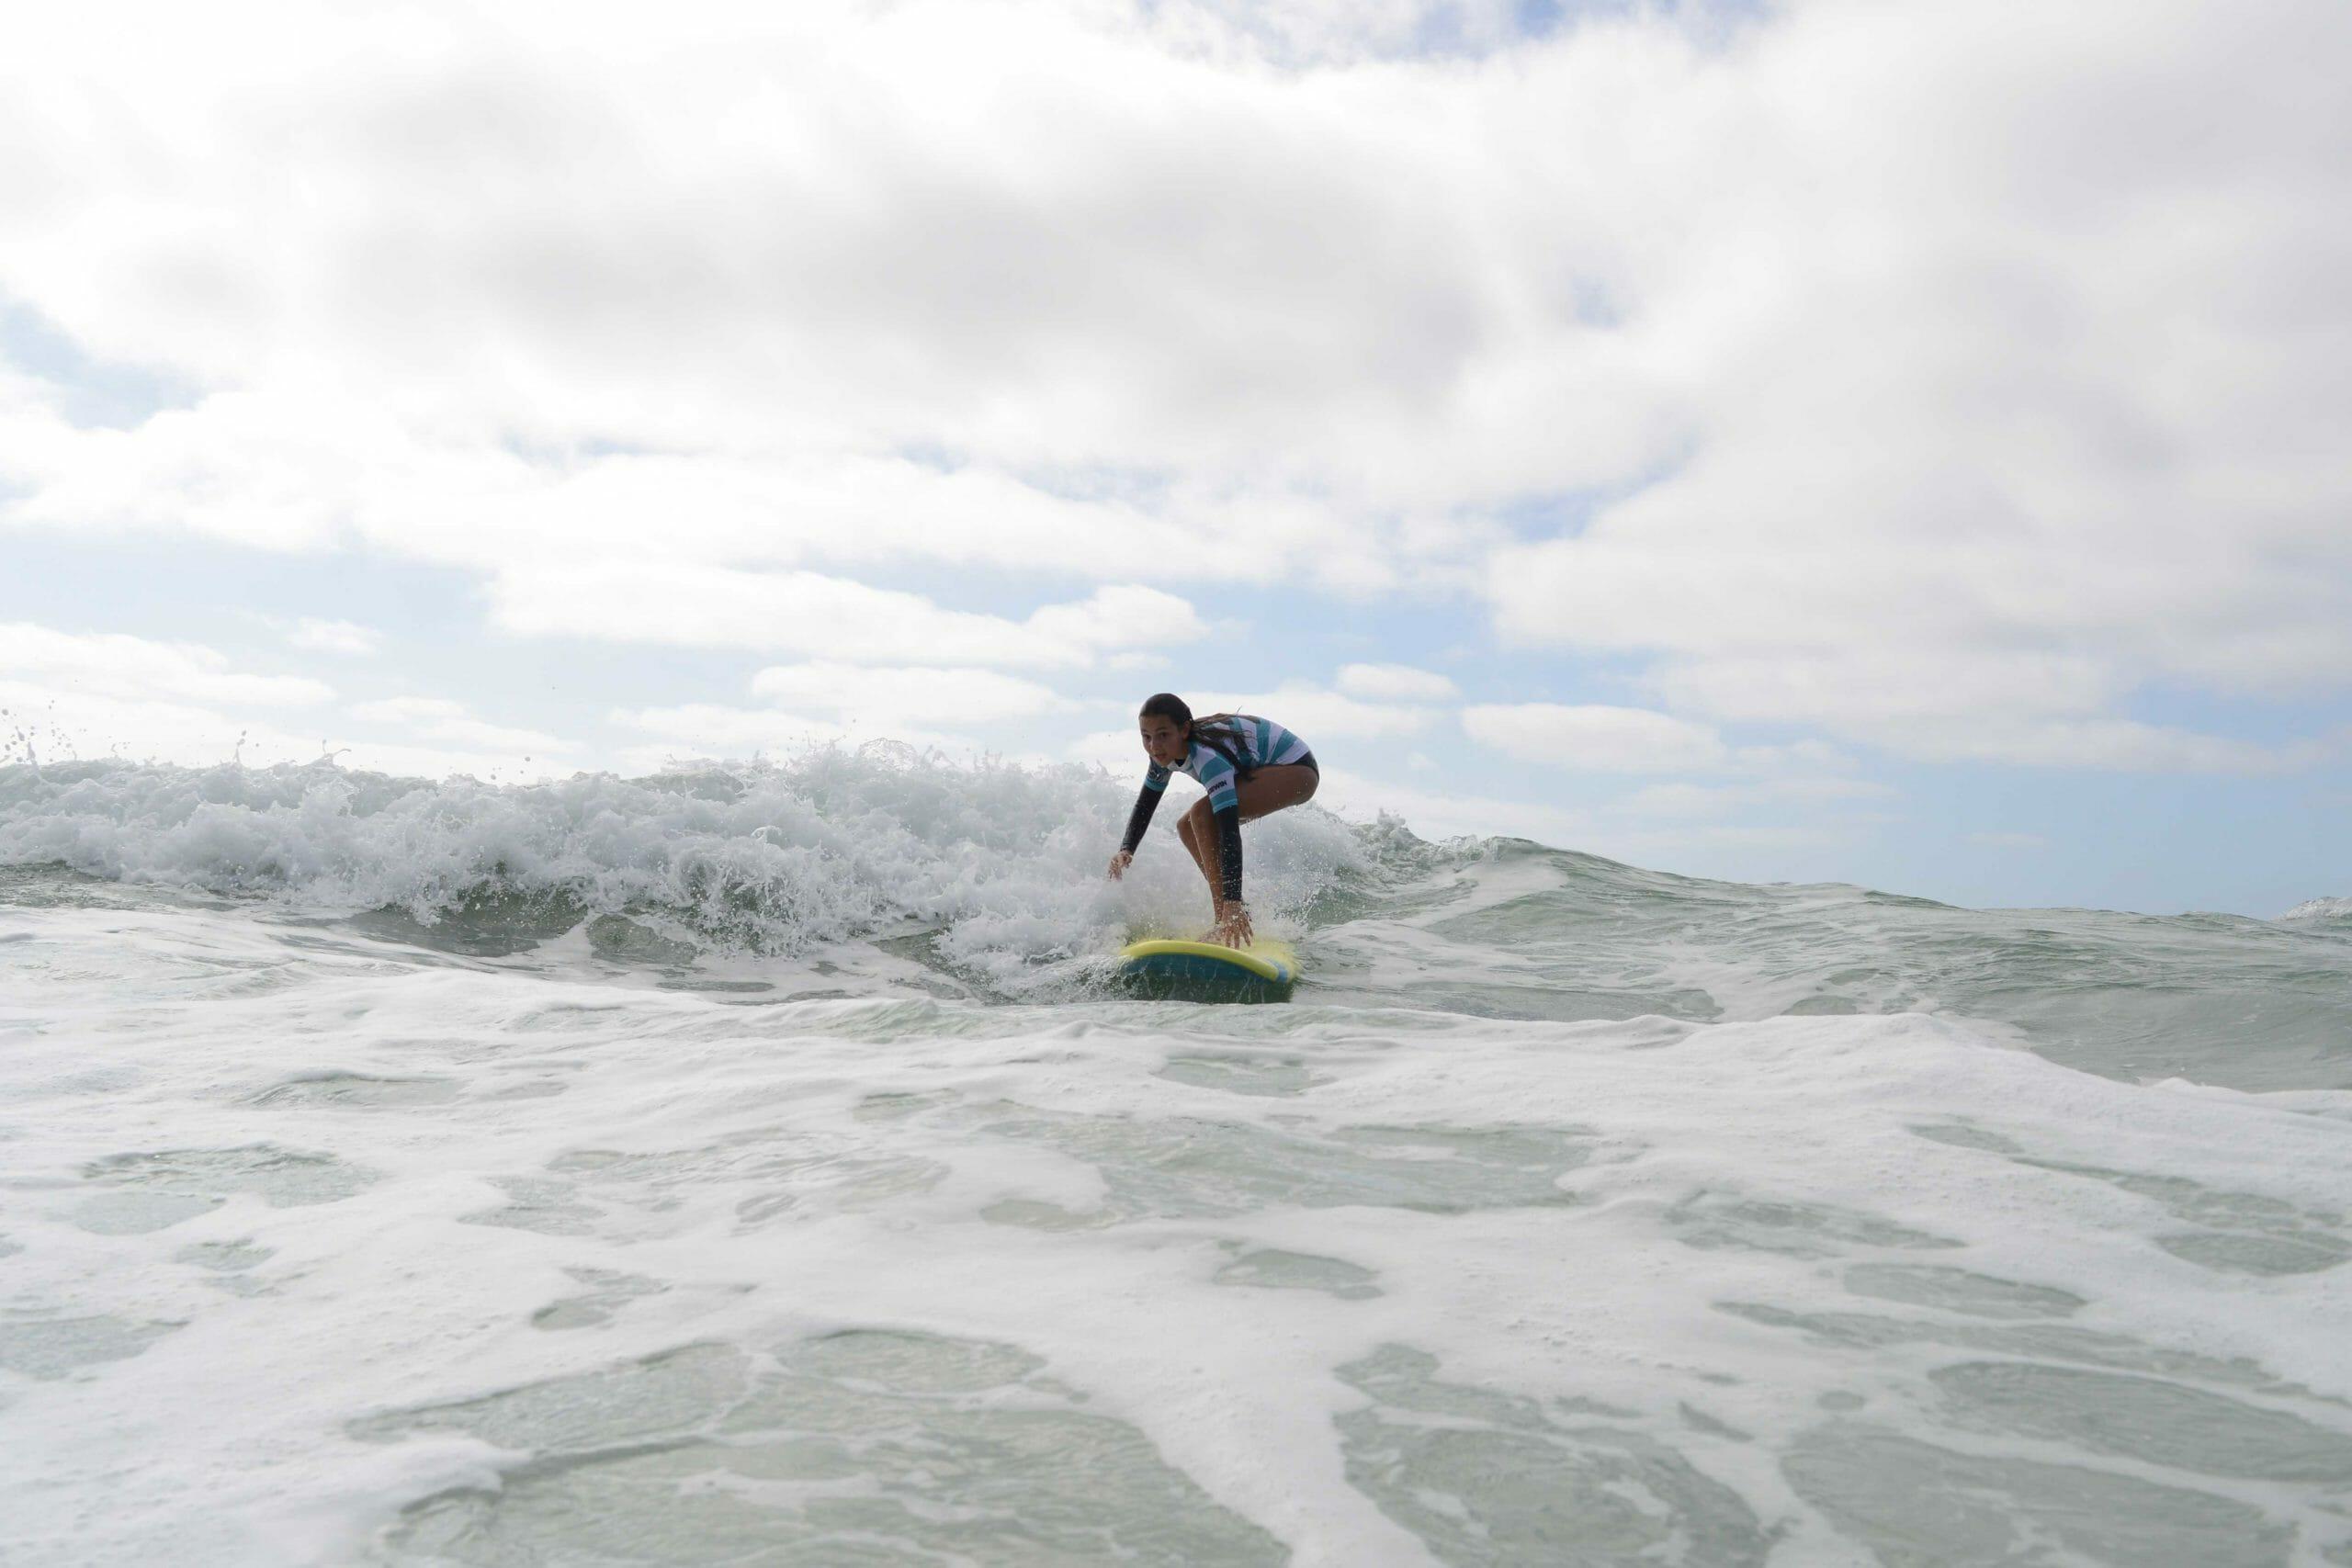 Une fille surfe une vague